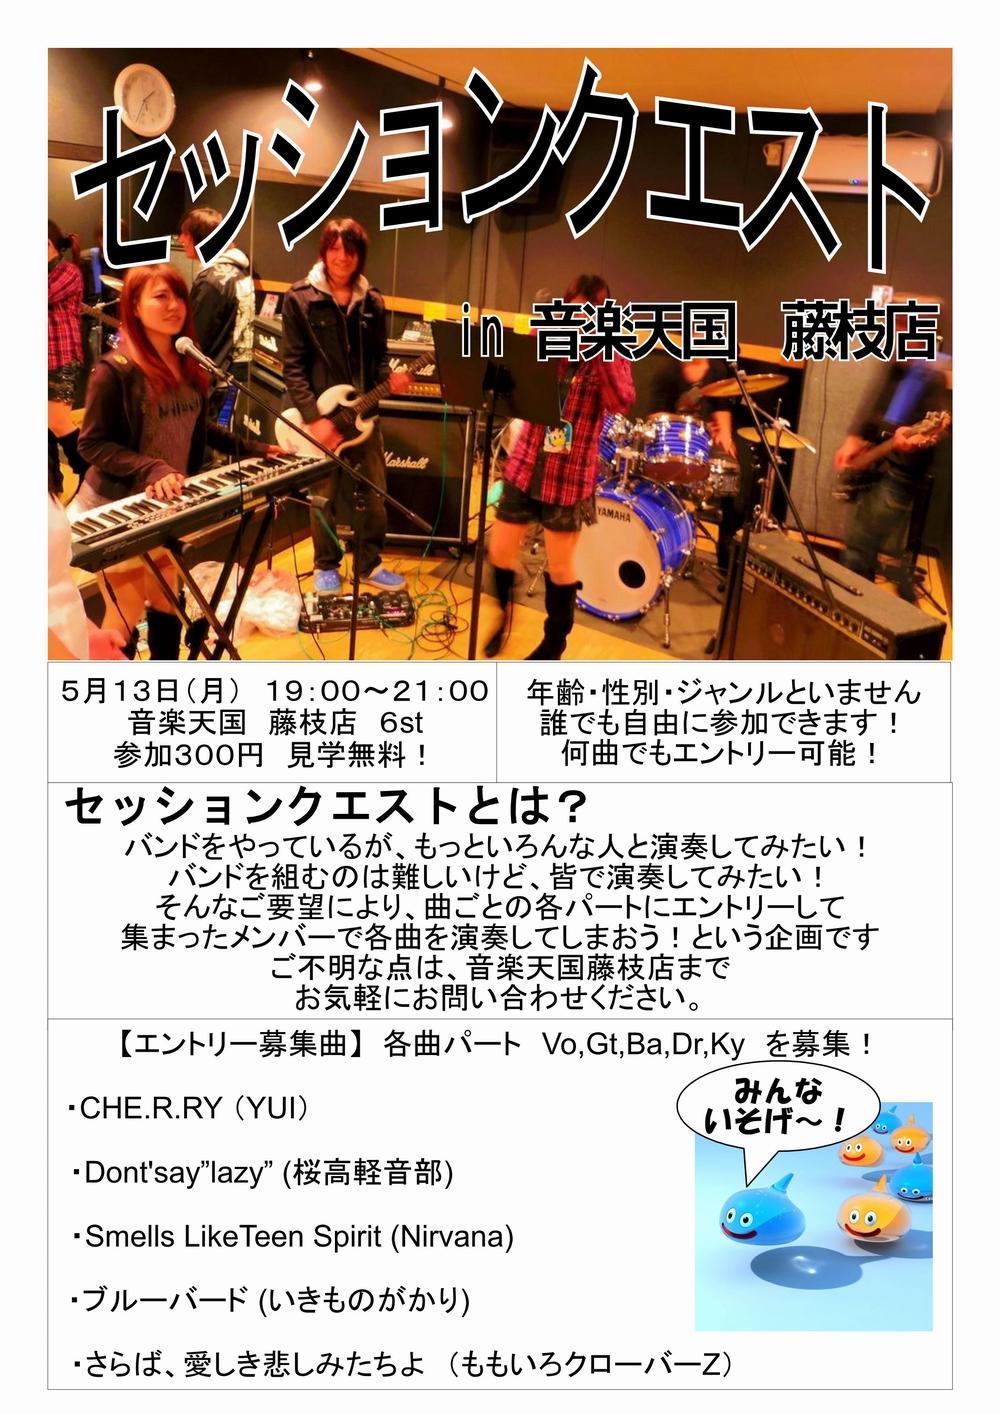 セッション☆クエスト@藤枝店5月13日(月)開催!